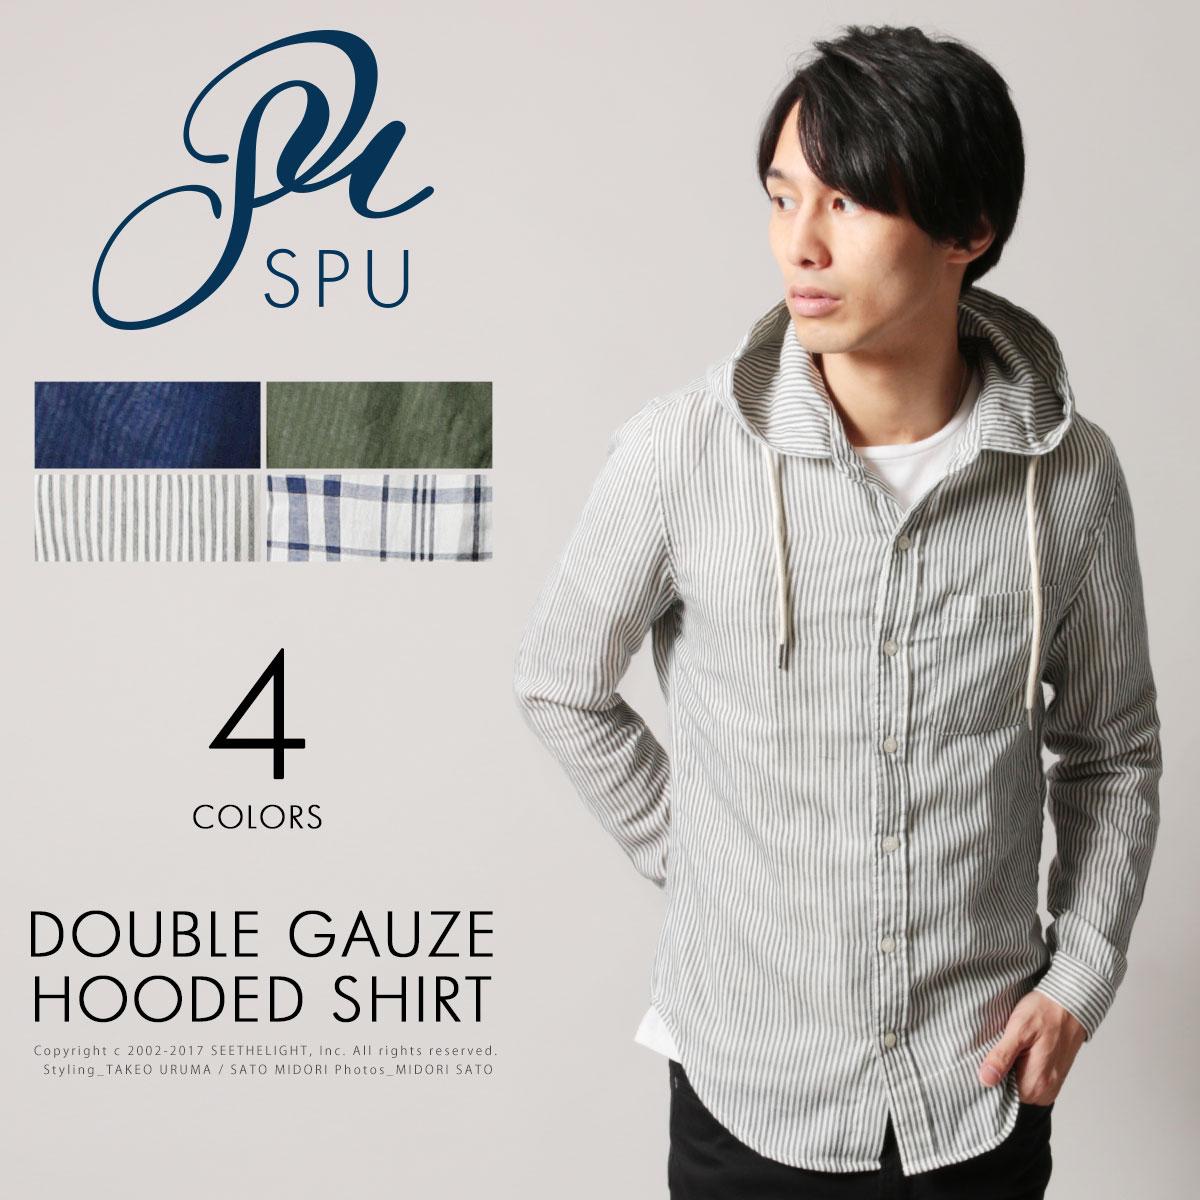 メンズ シャツ メンズファッション ダブルガーゼ 長袖 フードシャツ SPU スプ ガーゼ フード シャツ